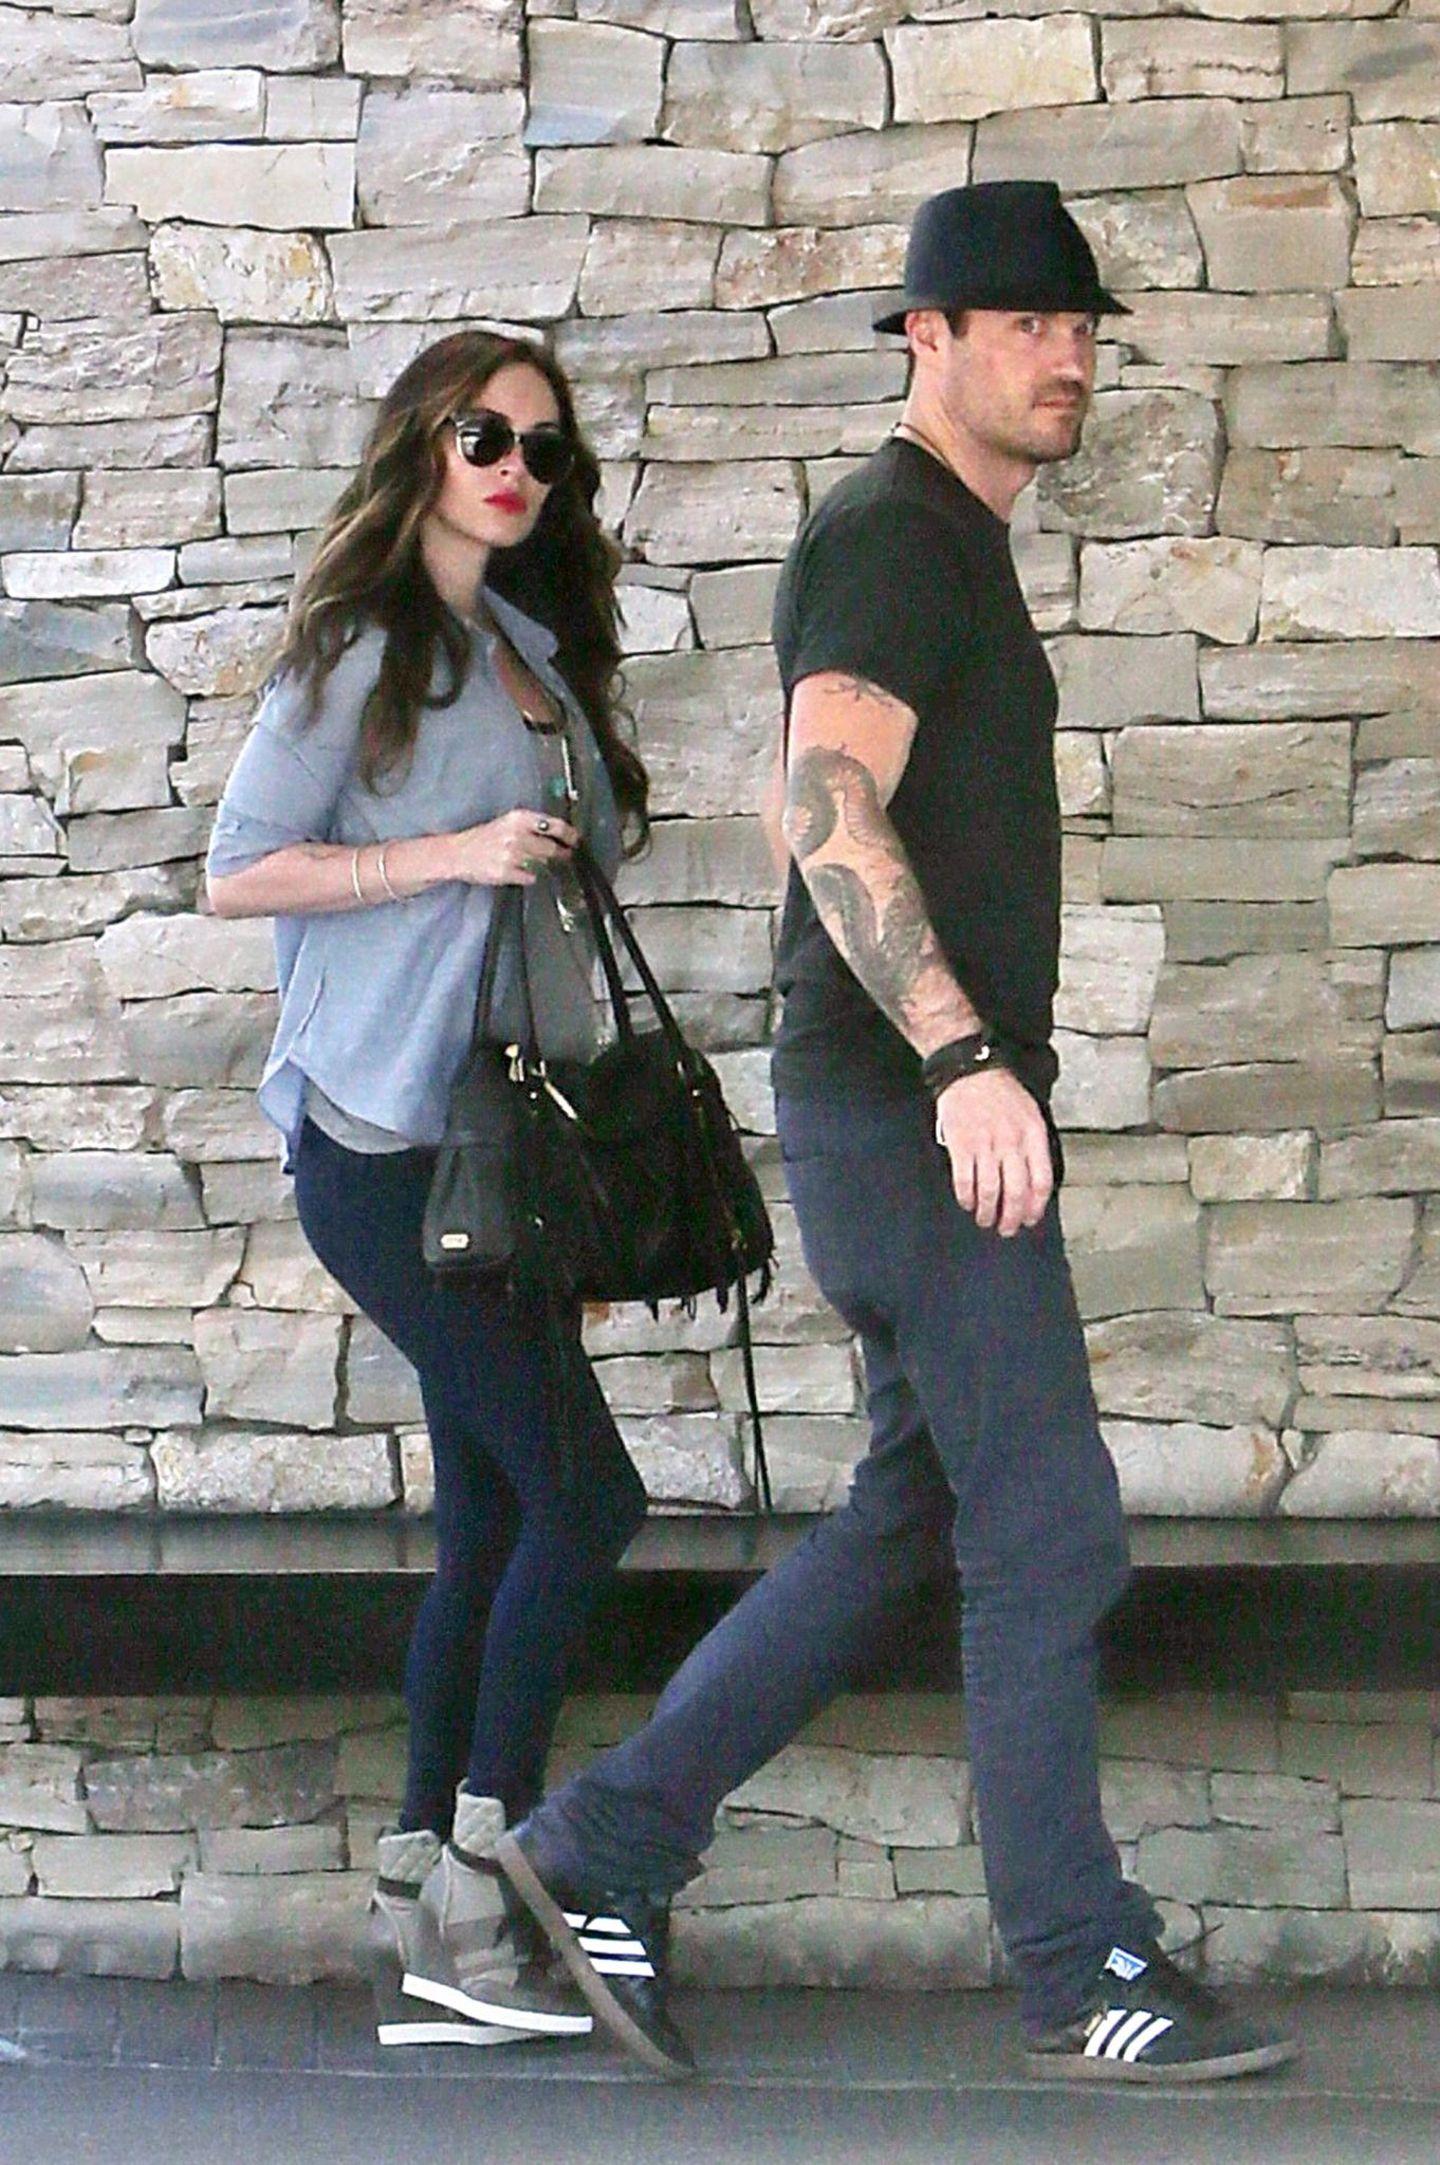 14. November 2013: Die schwangere Megan Fox und Brian Austin Green sind auf dem Weg zum Mittagessen in Los Angeles.